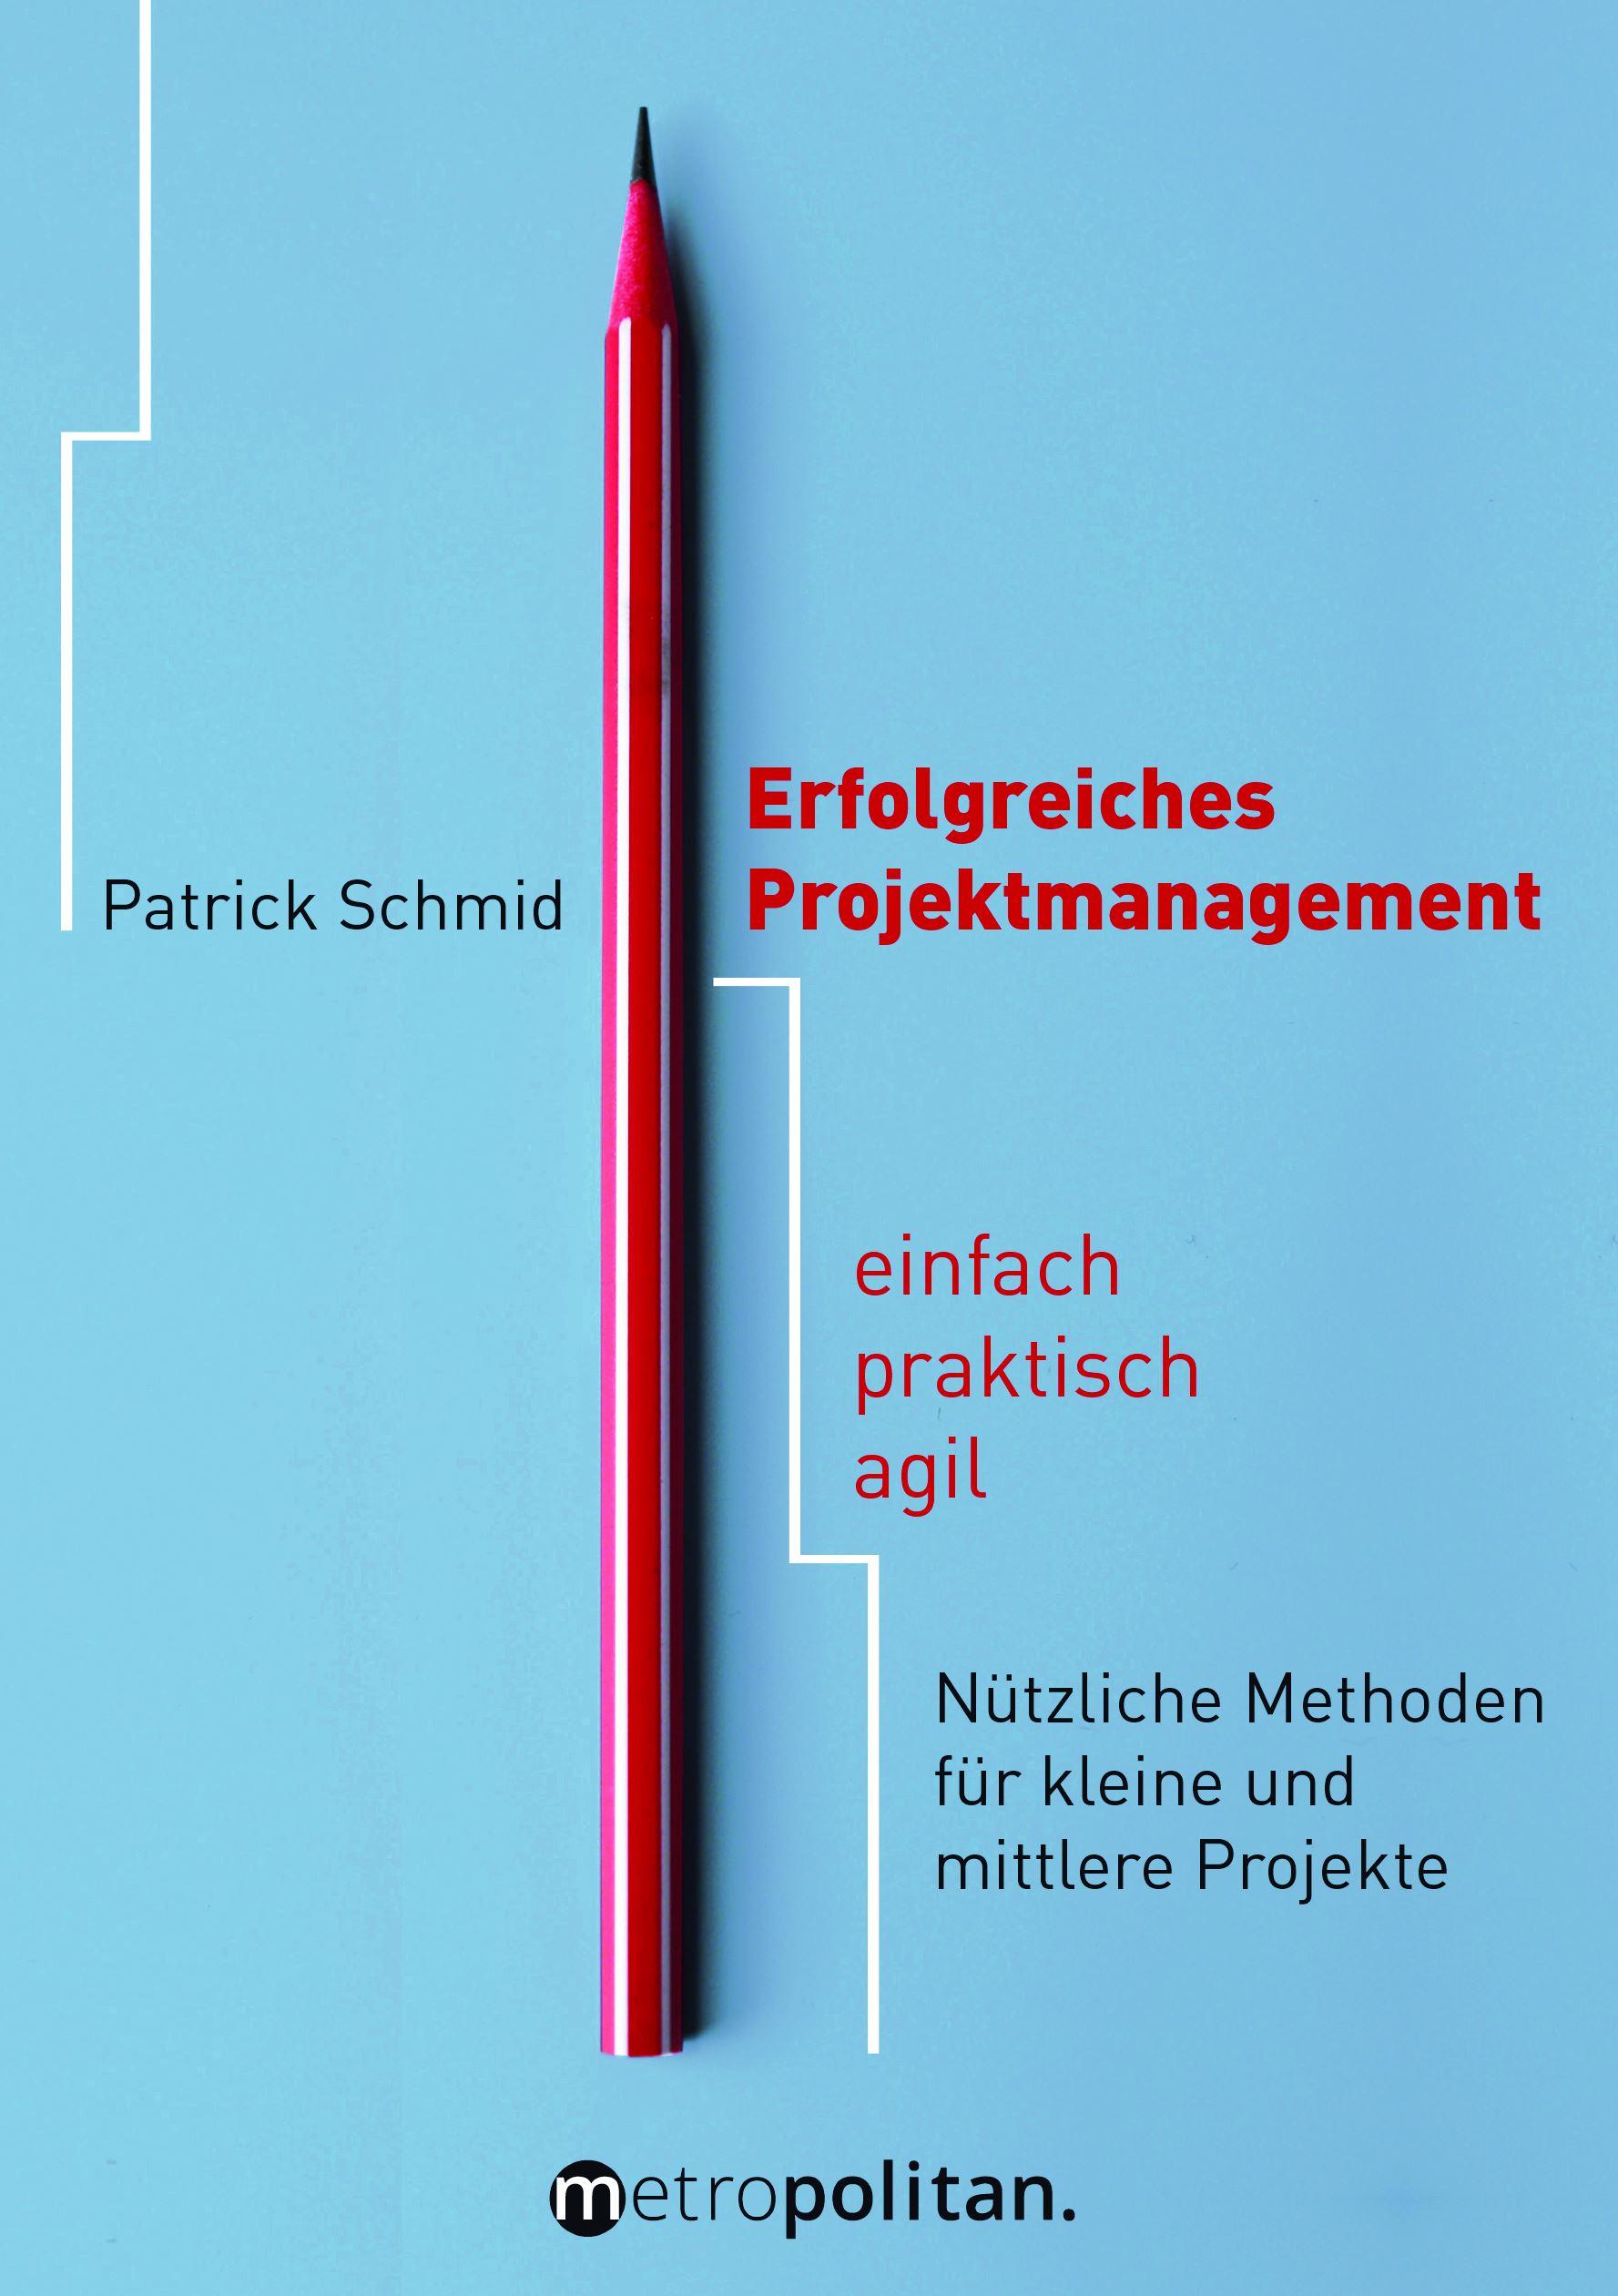 Cover zu Erfolgreiches Projektmanagement: einfach - praktisch - agil